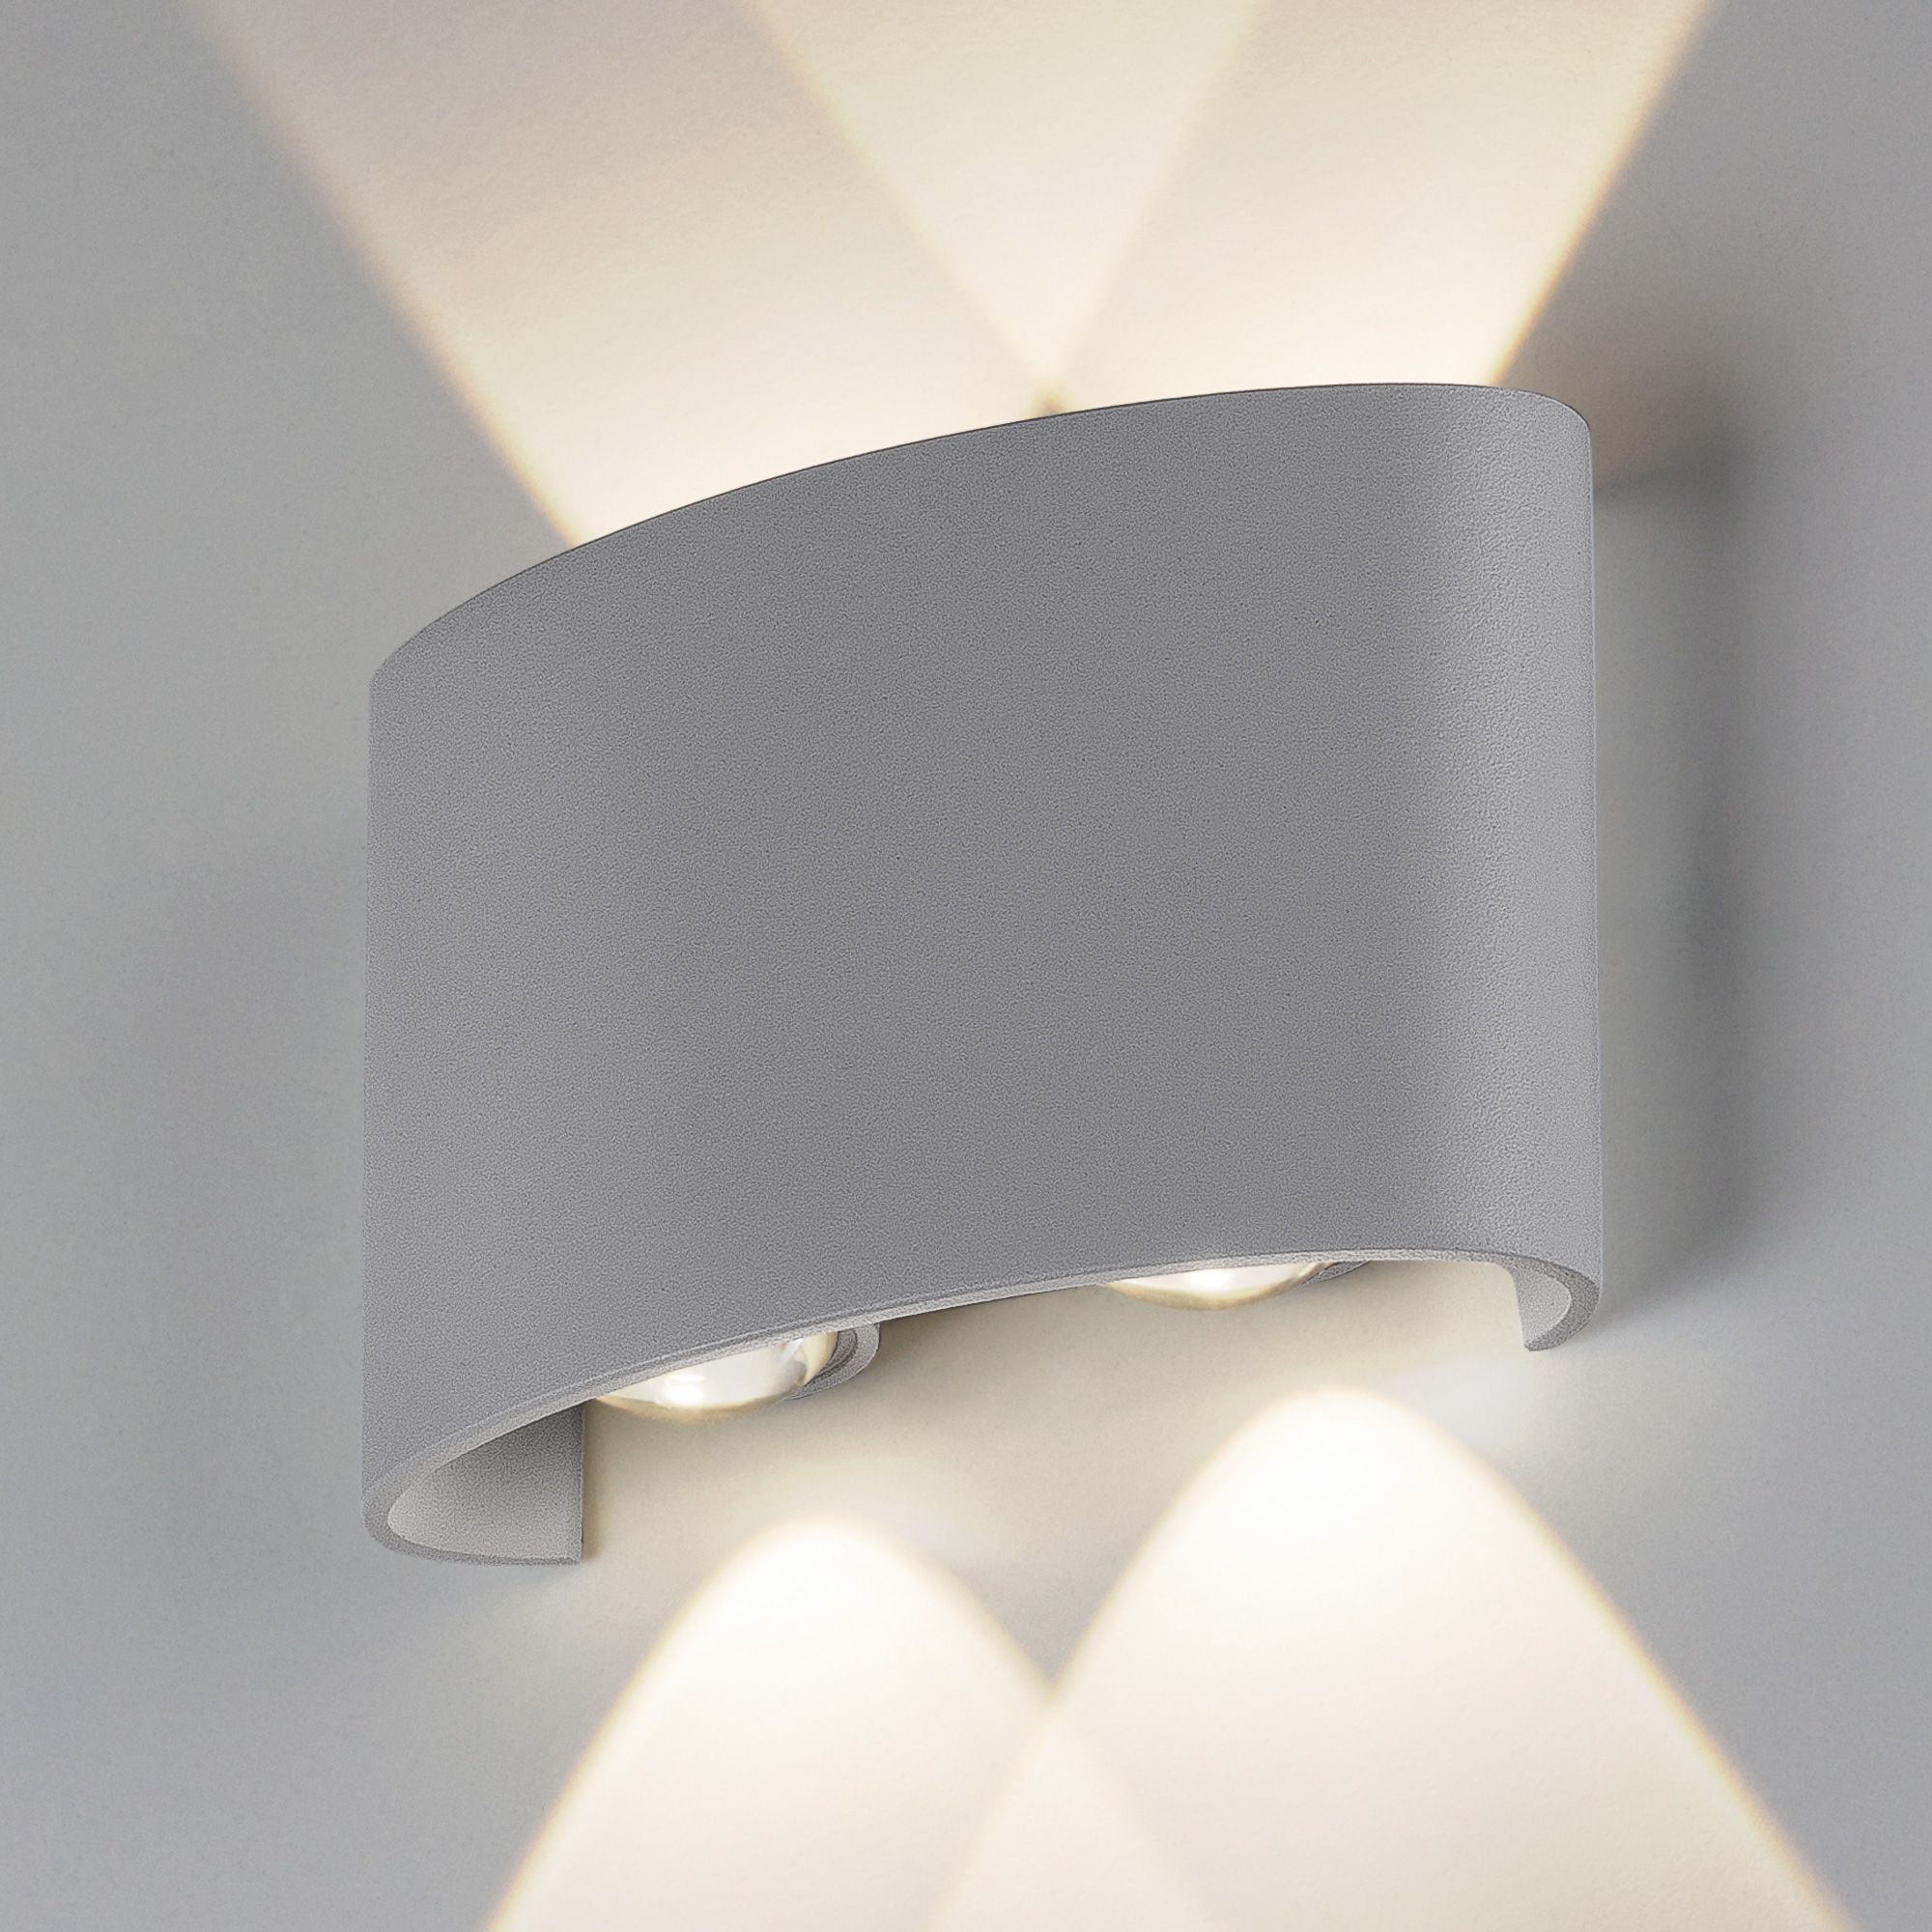 Пылевлагозащи<wbr>щенный светодиодный светильник Twinky Double серый IP54 1555 Techno LED серый